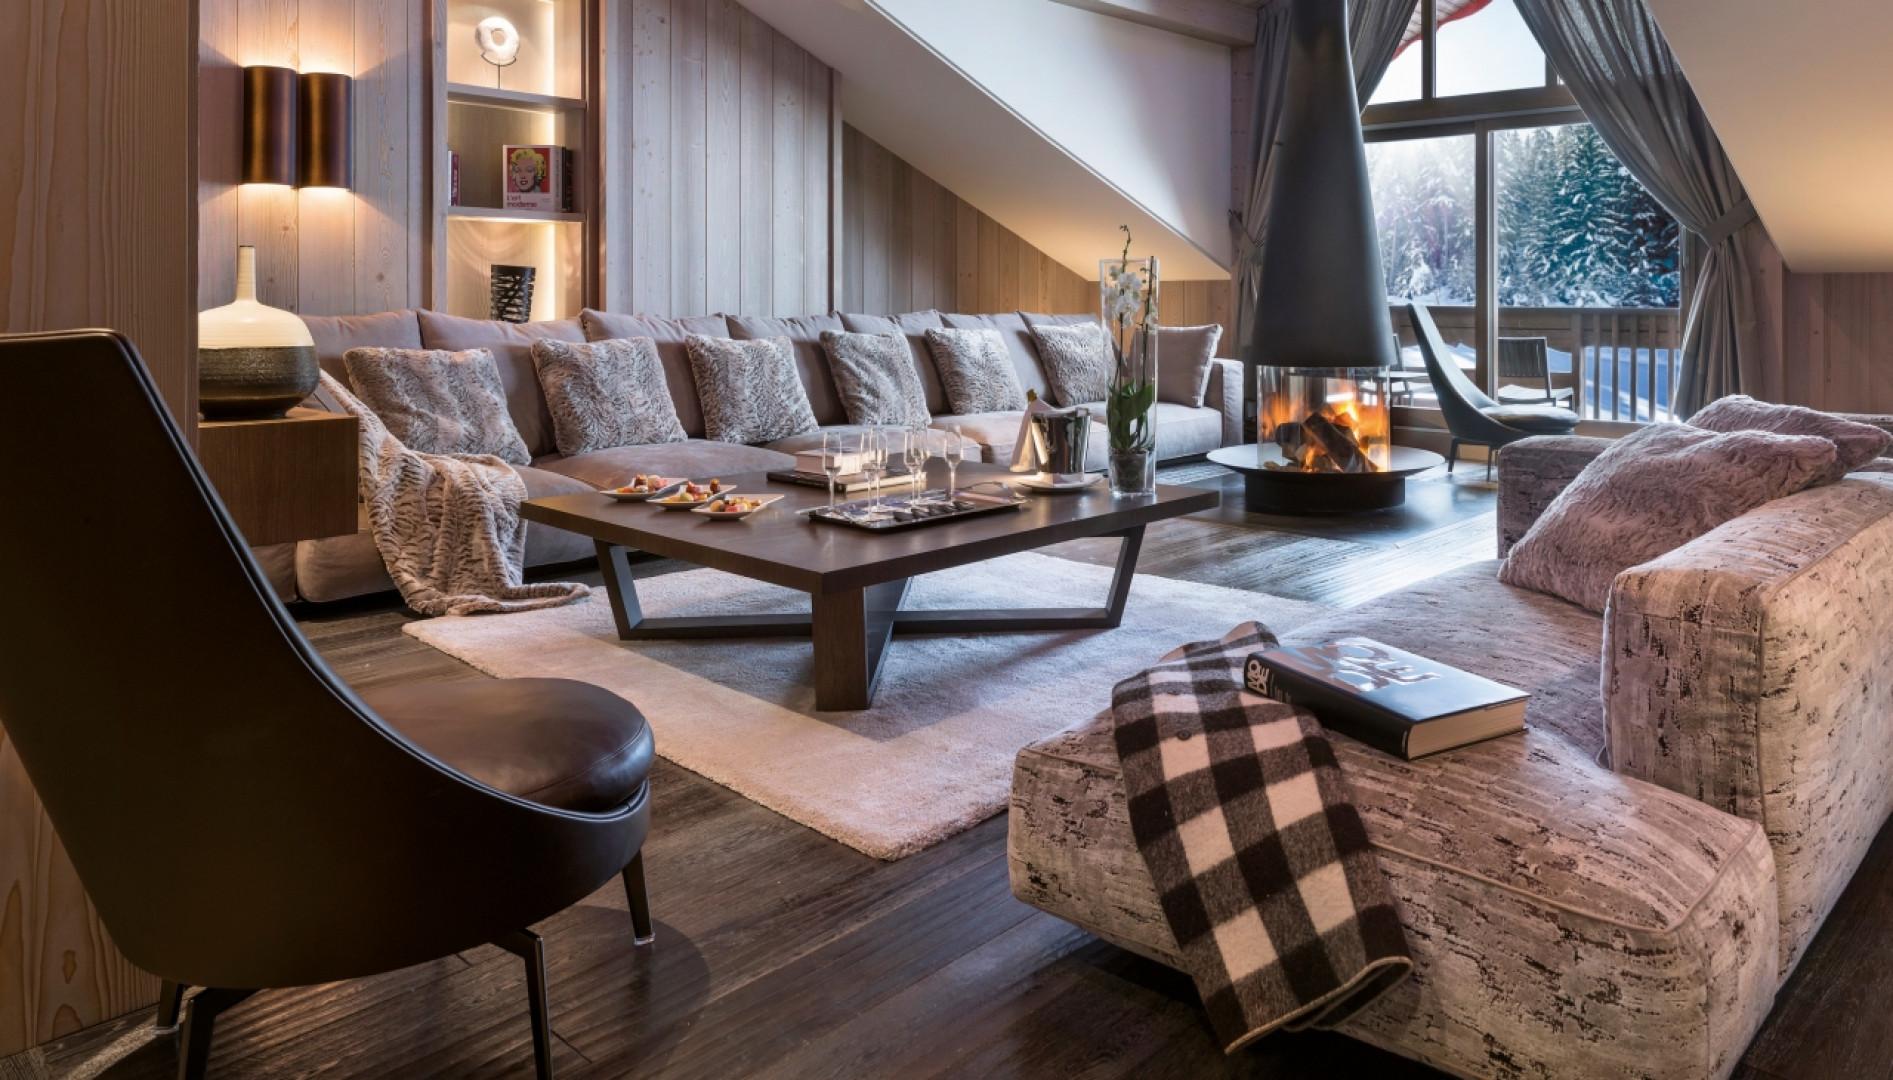 Meble Flexform w alpejskim hotelu. Design: Jean-Marc Mouchet. Fot. Studio Erick Saillet